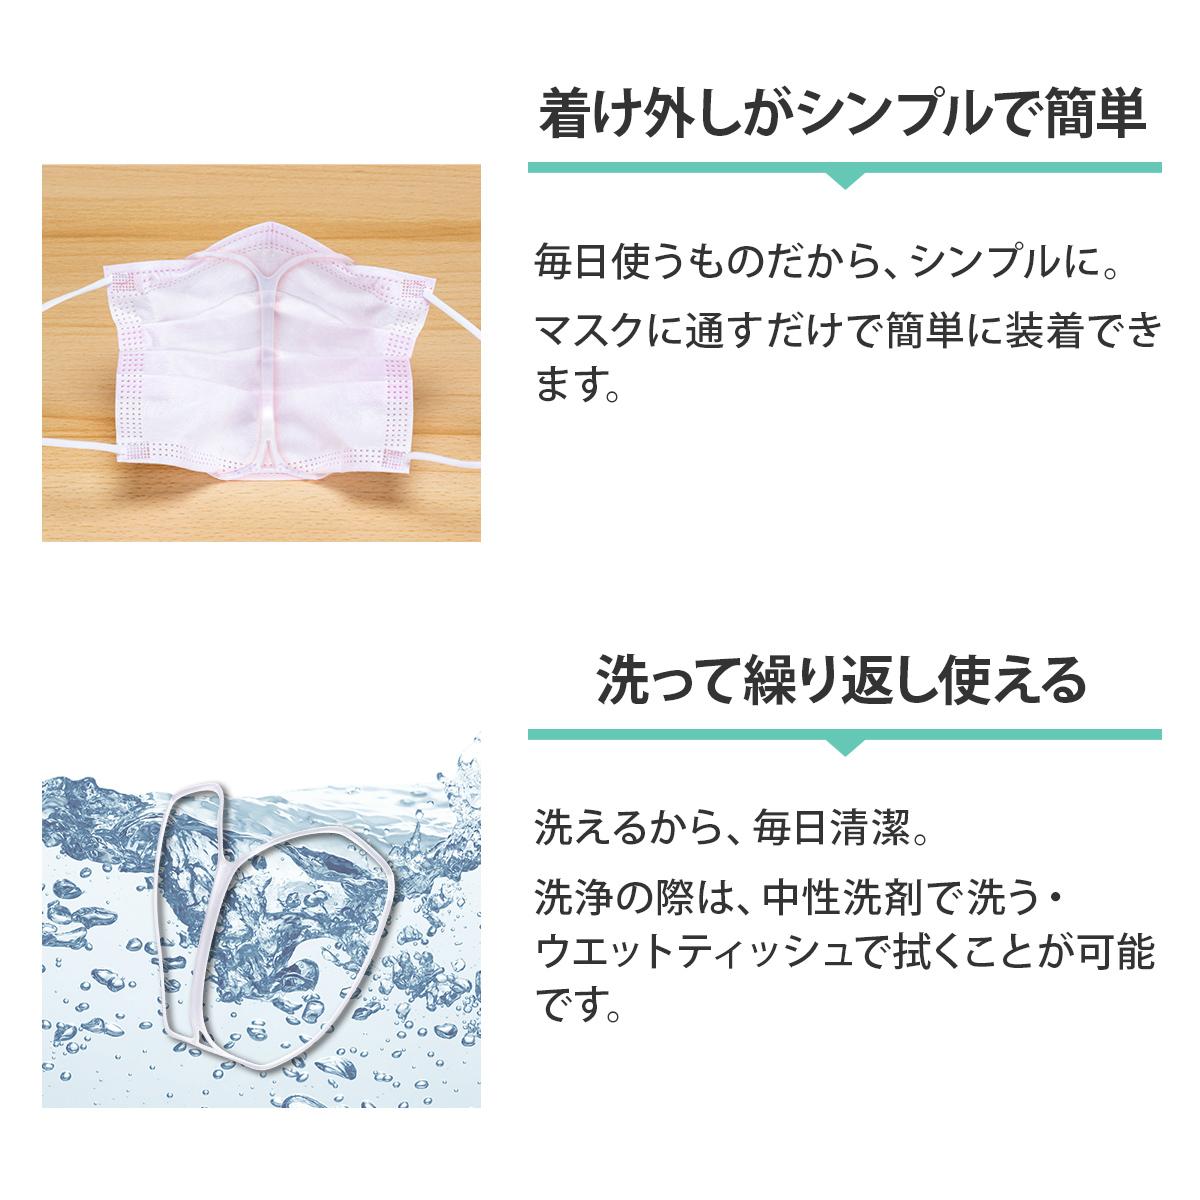 【3set】立体 インナーマスク スリムライト ブラック